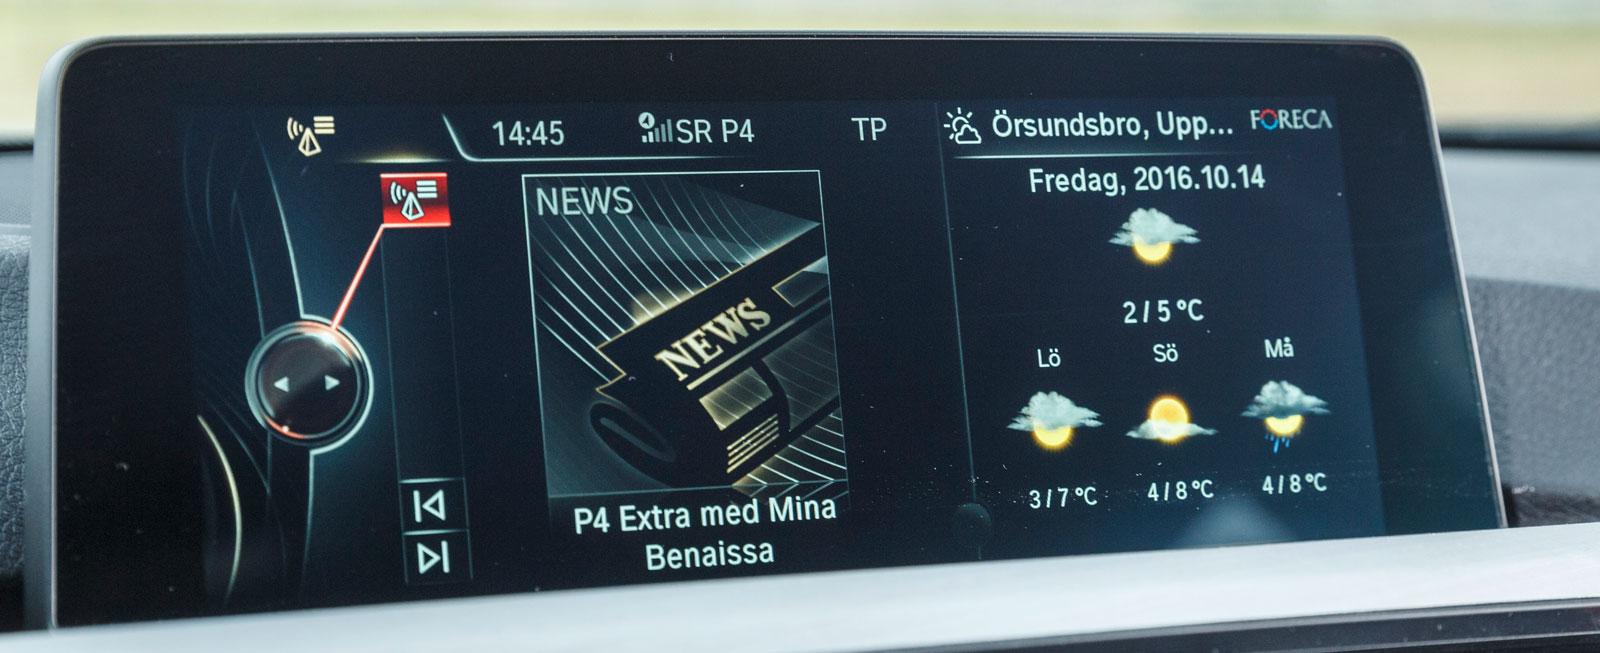 """Omfattande funktionsmeny i BMW, dessutom lätt att navigera med """"iDriveratten"""" mellan stolarna. Mycket tydlig grafik, bland marknadens bästa system."""